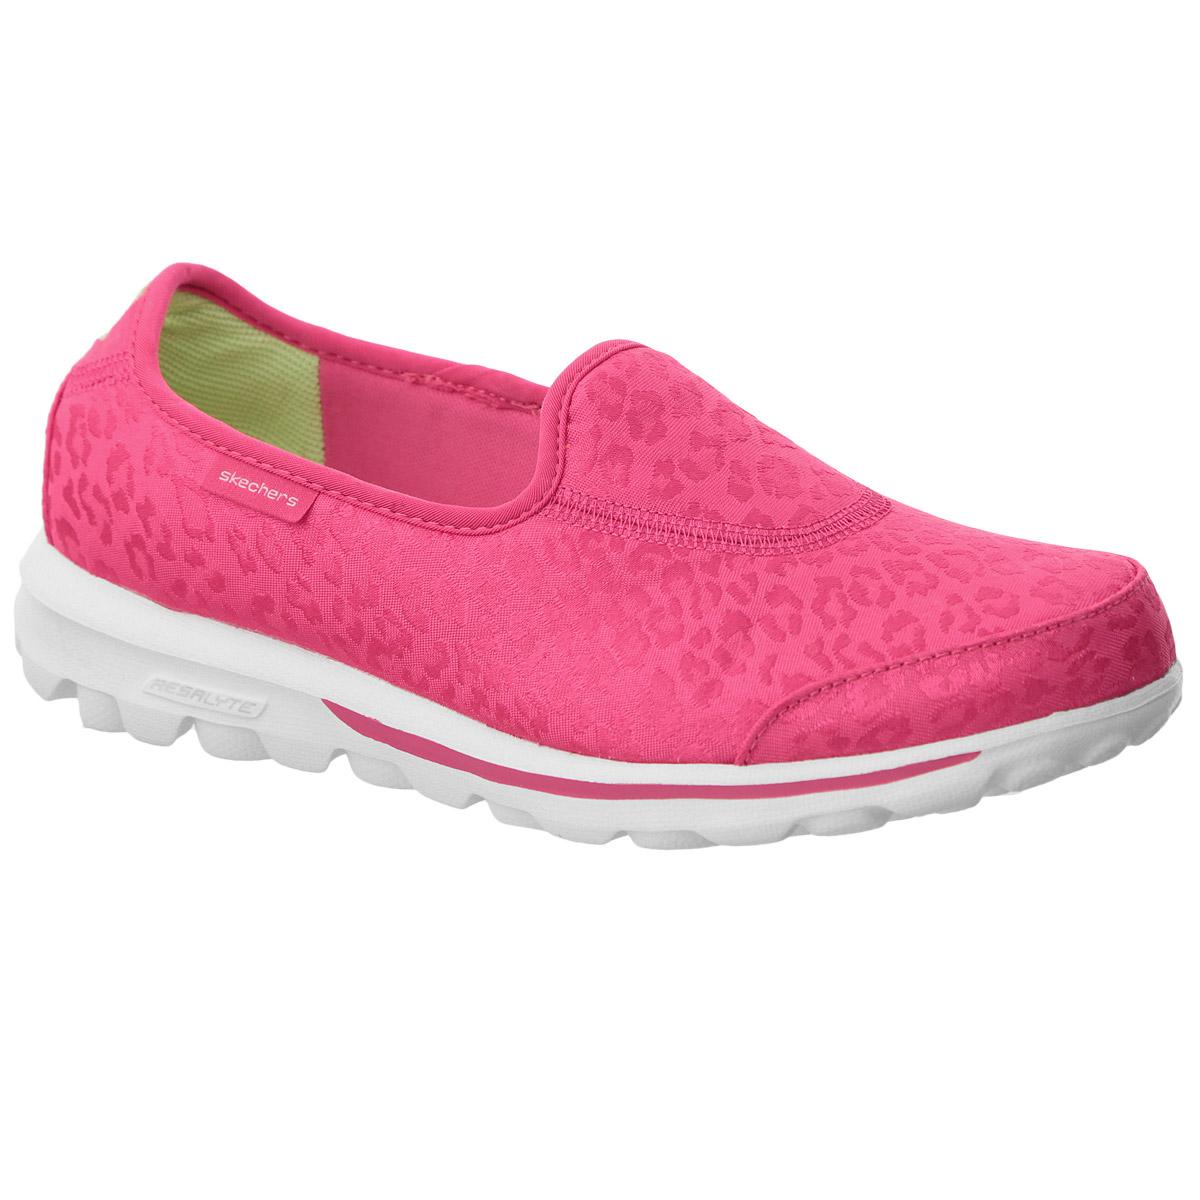 ��������� ������� Go Walk Safari - Skechers13753-PNK�������� ������ ������� ��������� Skechers Go Walk Safari ��� �������� �������� ��� ��� ������� �������, ��� � ��� ������������ ��������. ���� ������ �������� �� ���������� ��������, ������������ ��������� �������. �� ������� ������ ��������� ������������ ����������, ����� - ������� � ��������� ��������� ������. ��������� � �������� ����������� ������ � ��������. ���������� ������� ��������� �� ������� ��������. ������ ������������� ������� ����� ��������� ���������, ������� ������������ �������� ��������� � ������������. � ����� ���������� ����� ����� ����� ��������� � �����. ��� ���������� ��� ����� � ����������������.